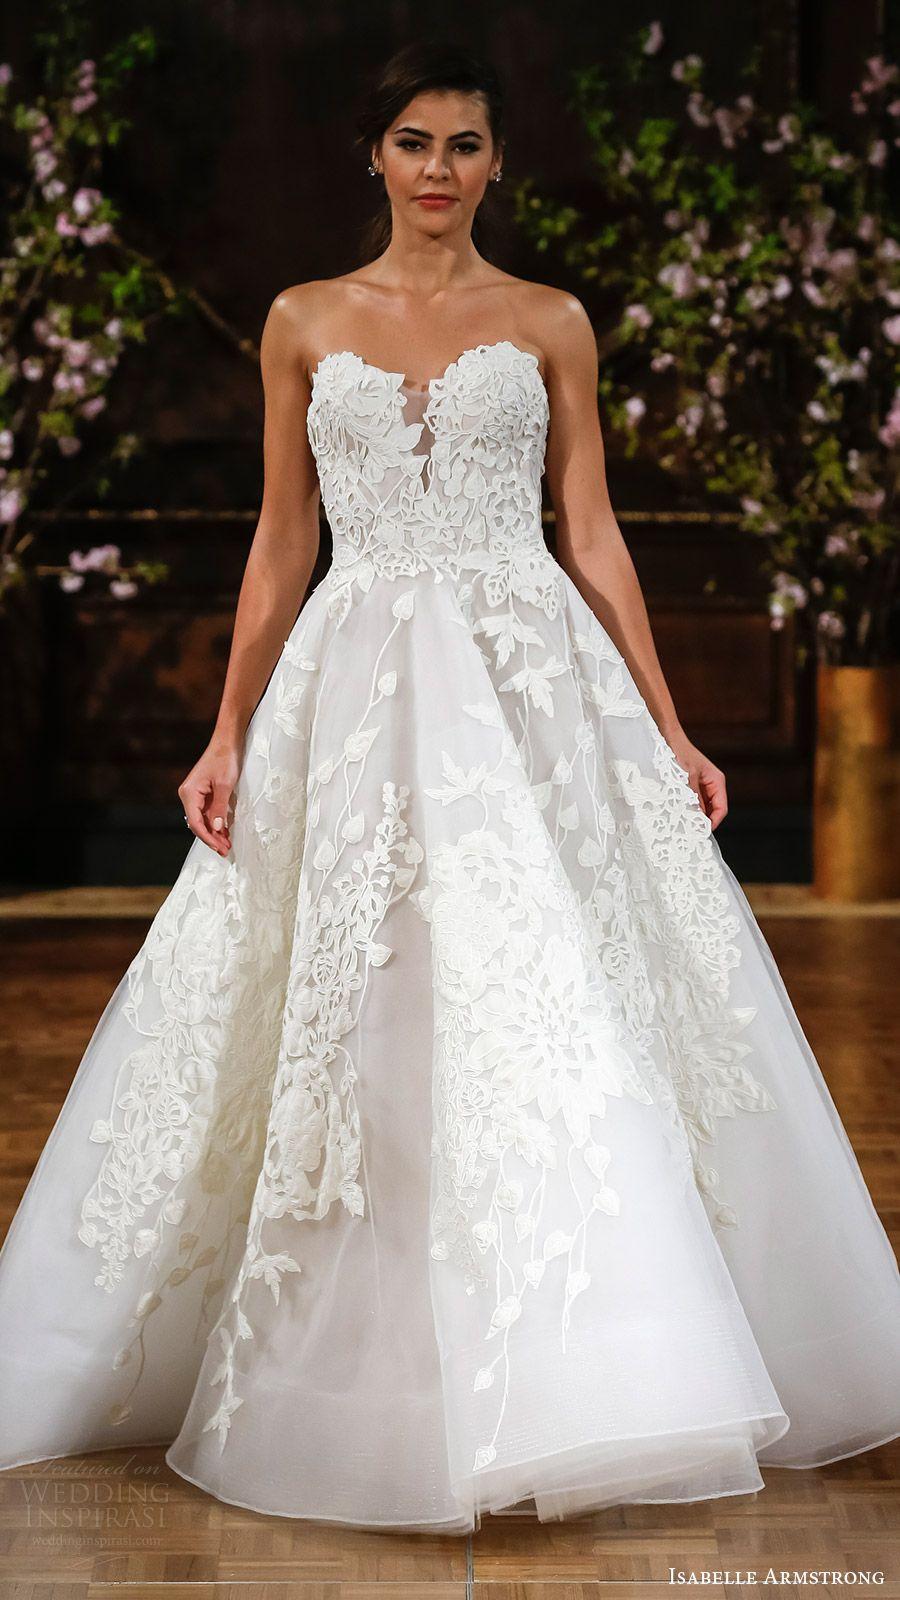 Isabelle Armstrong Spring 2017 Wedding Dresses | Vestidos de novia ...